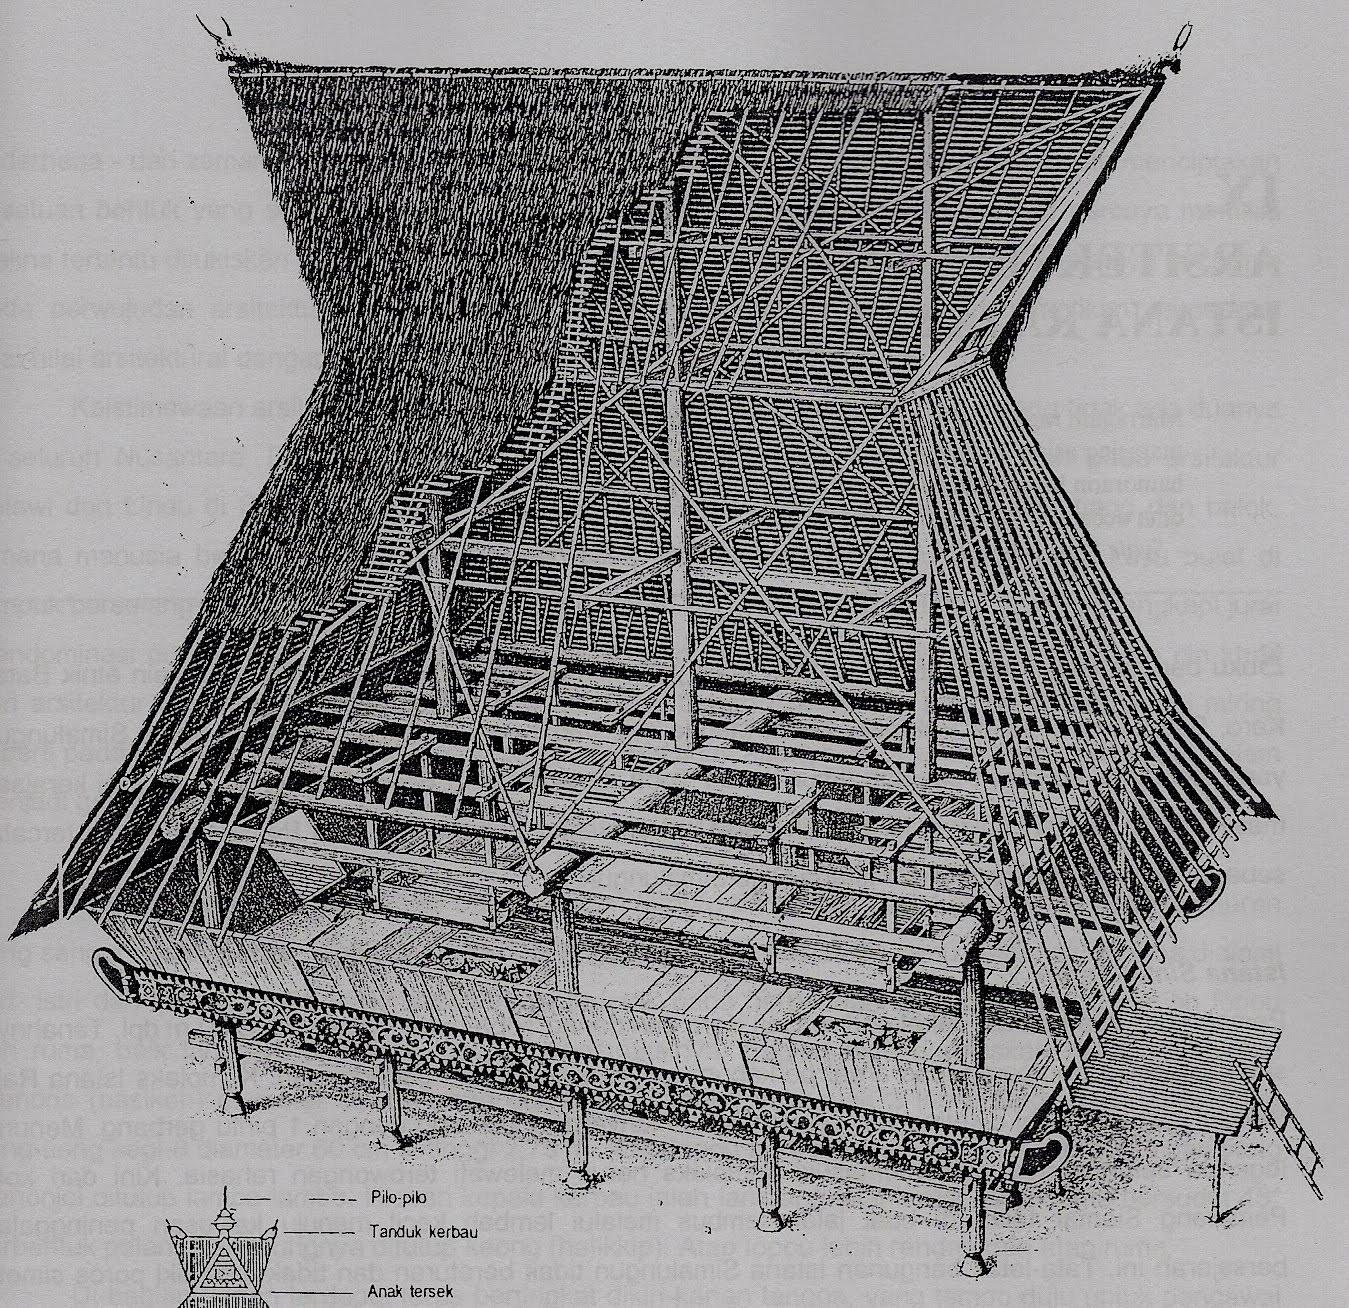 Siregar Perkembangan Arsitektur Tradisional Suku Batak Karo